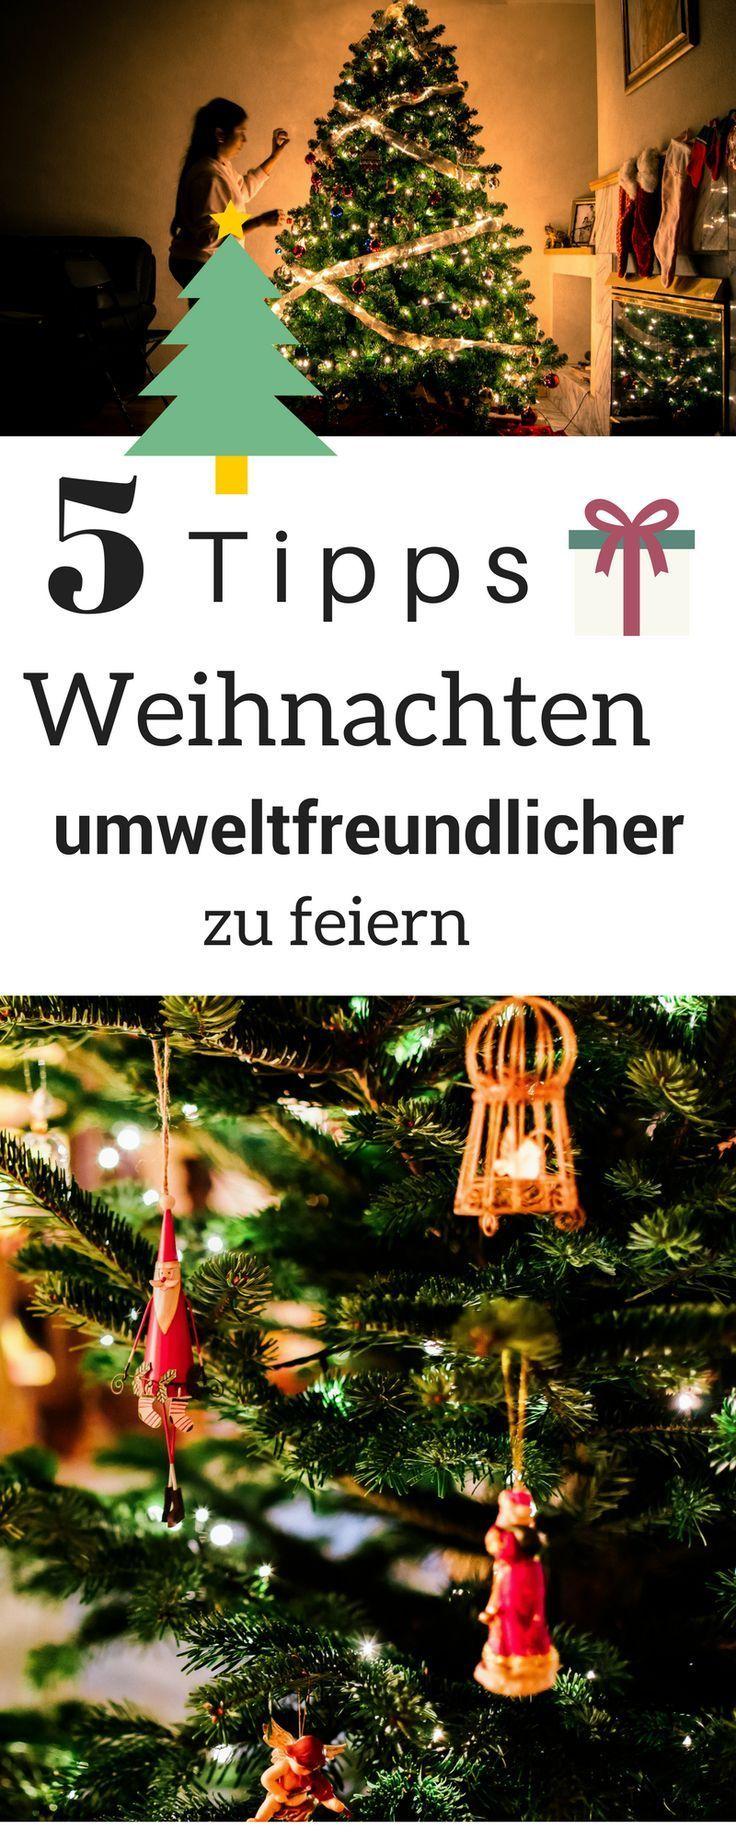 Weihnachten ökologischer feiern - 5 Tipps - so gehts ...